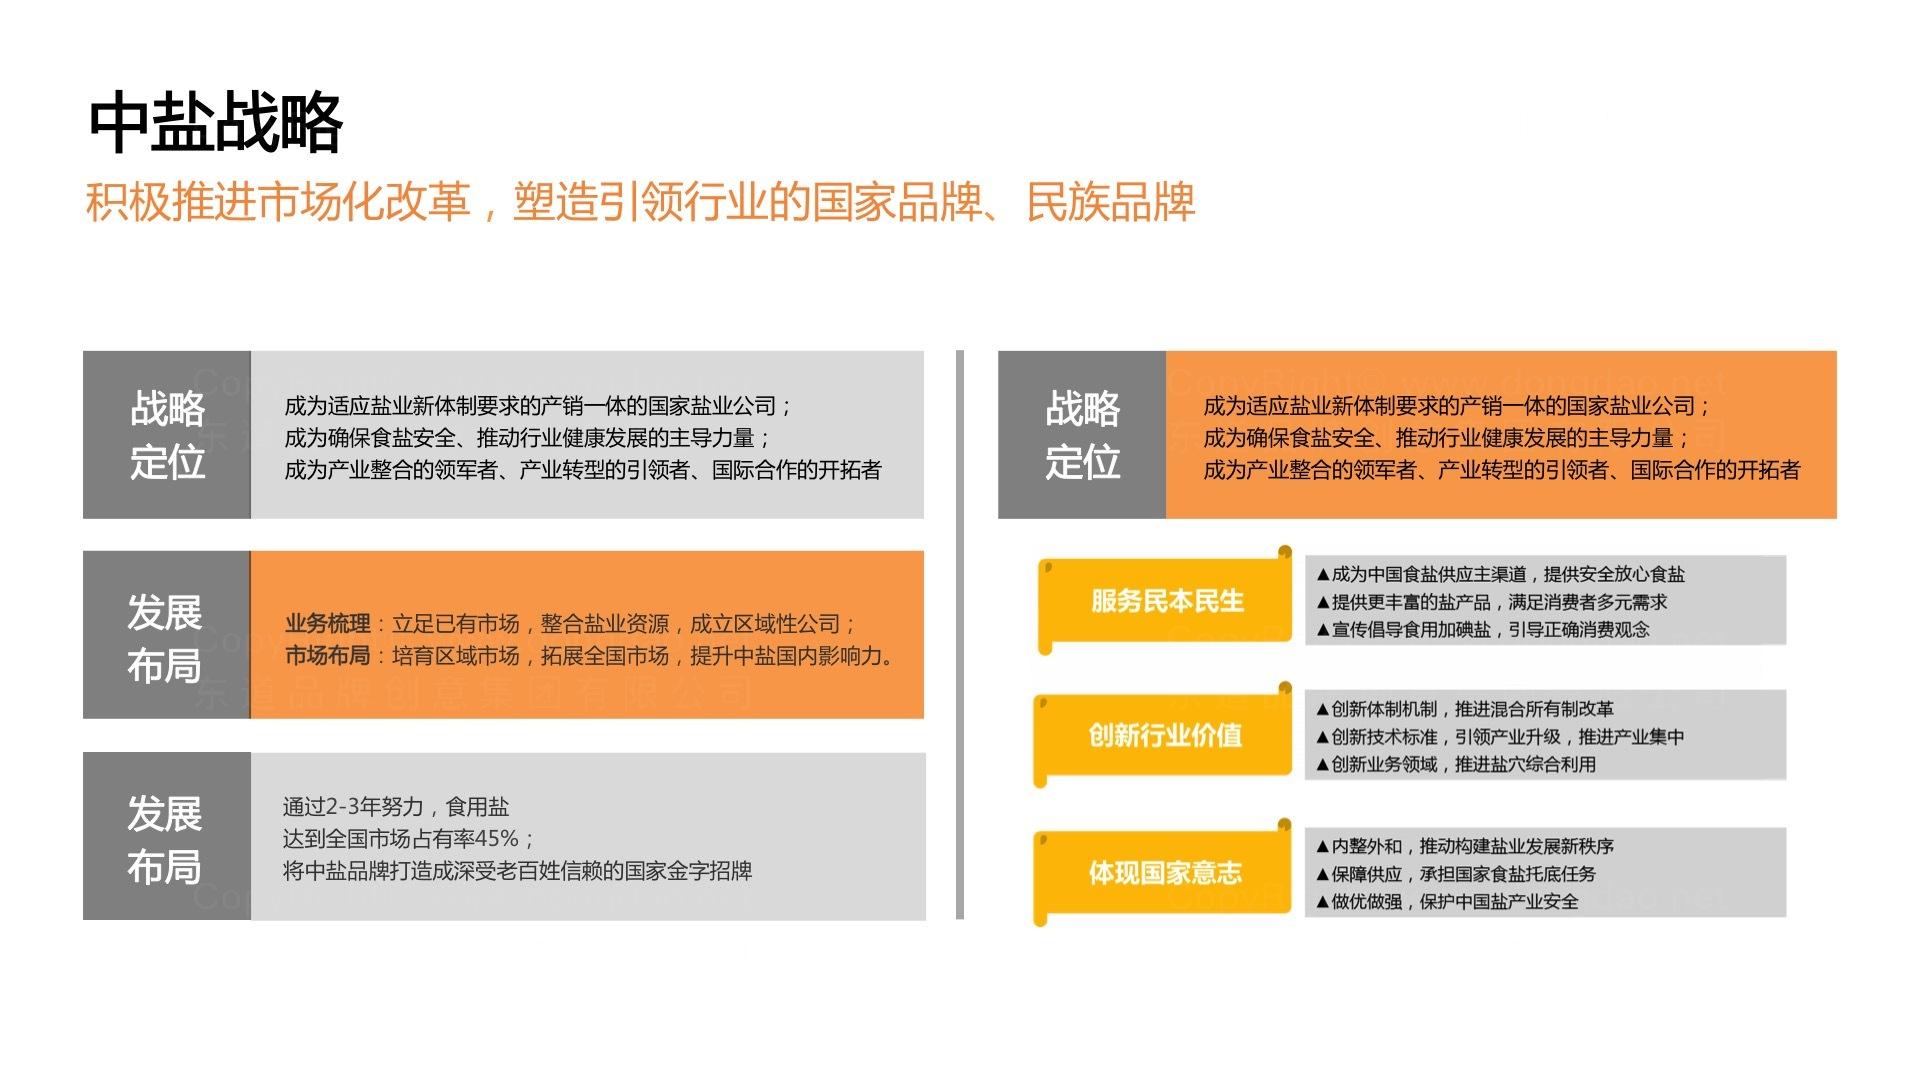 快速消费品牌战略&企业文化中盐品牌战略与包装体系设计